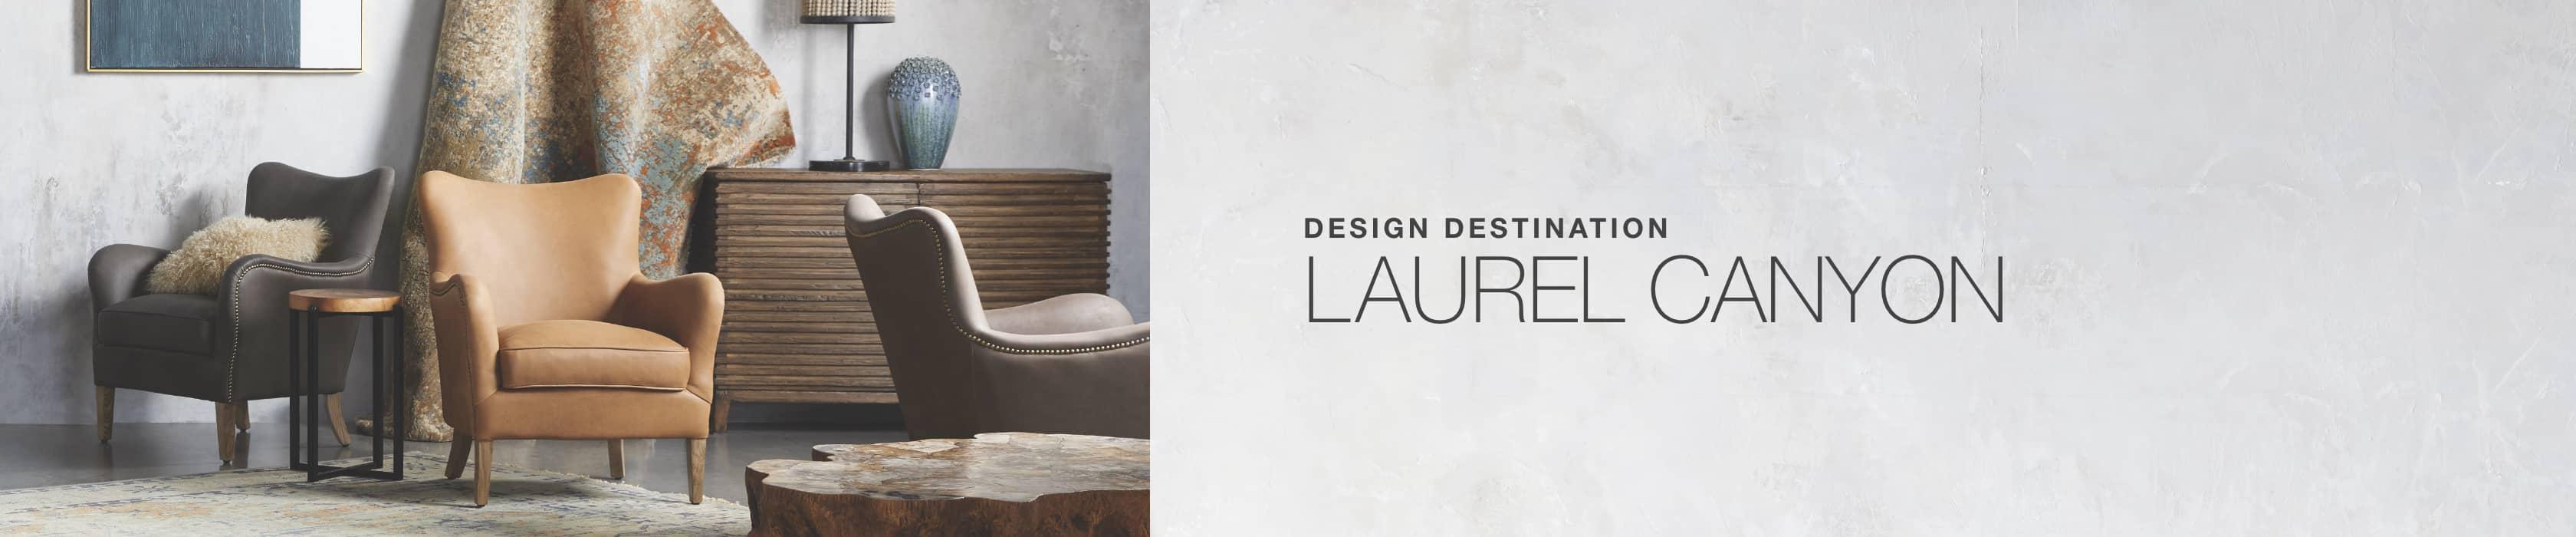 Shop the Laurel Canyon Design Destination